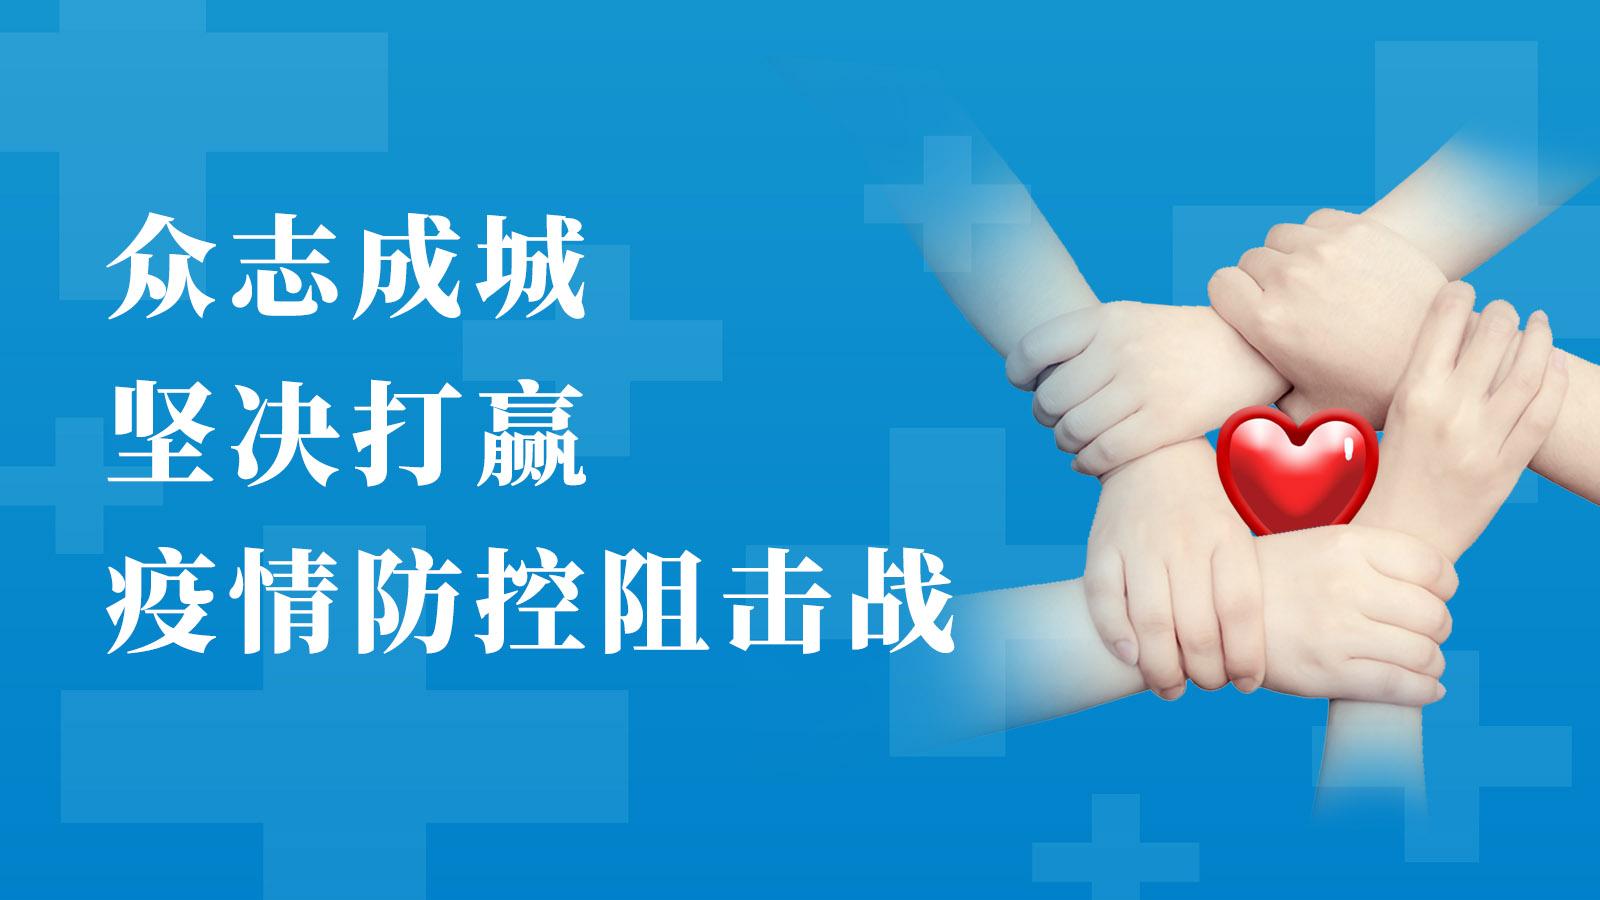 眾志jing)沙堅決打贏疫情防控阻擊戰(zhan)